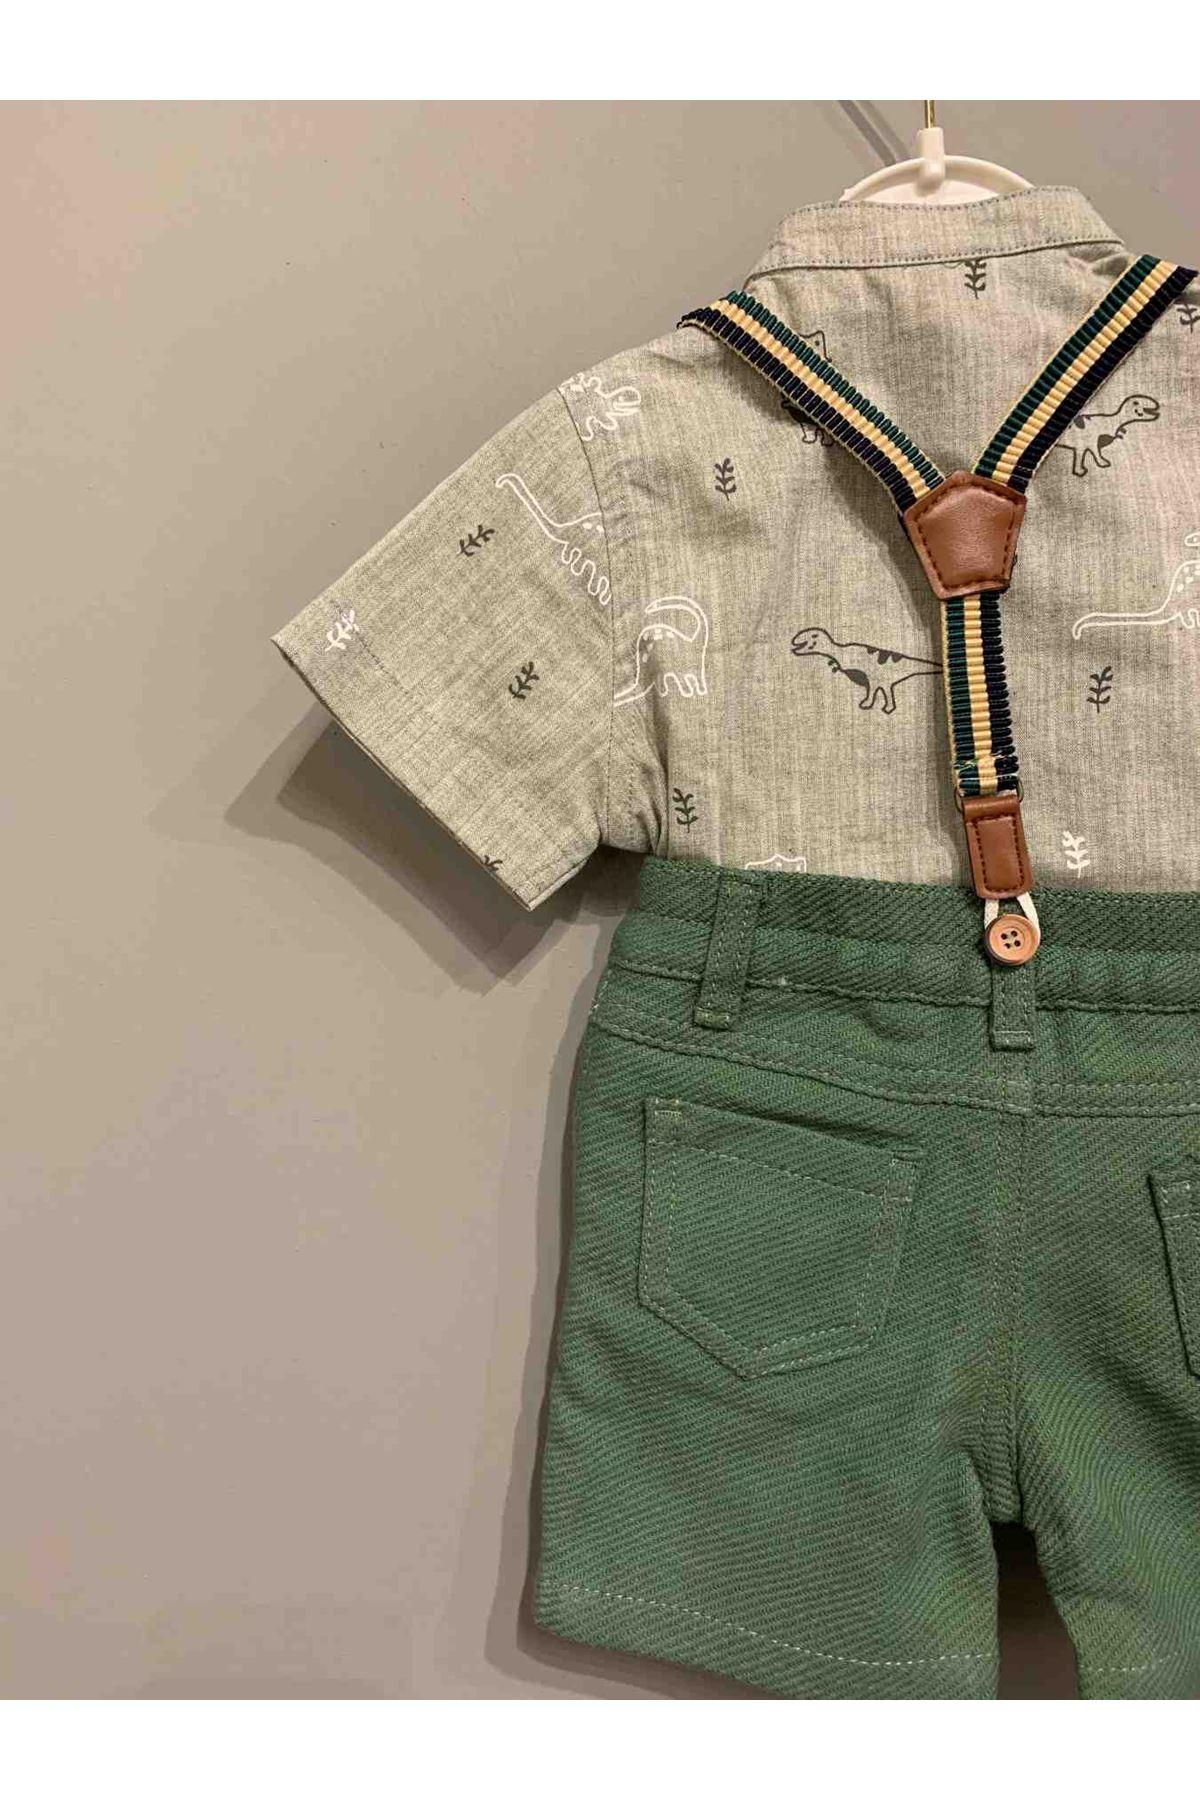 Sevimli Dinazor Figürlü Askılı Takım - Yeşil